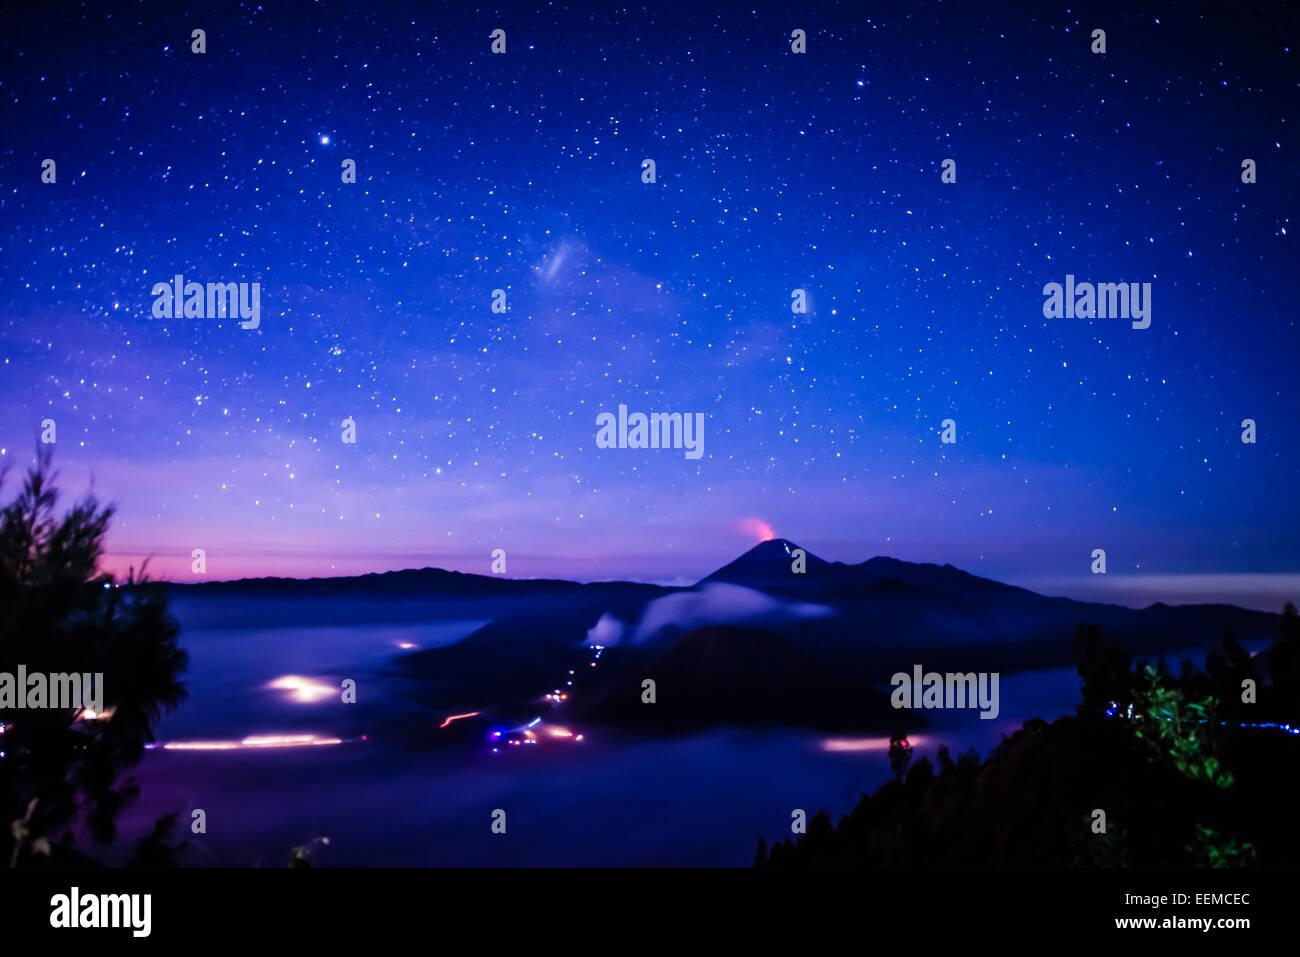 Starry Night Sky Stock Photos & Starry Night Sky Stock Images - Alamy